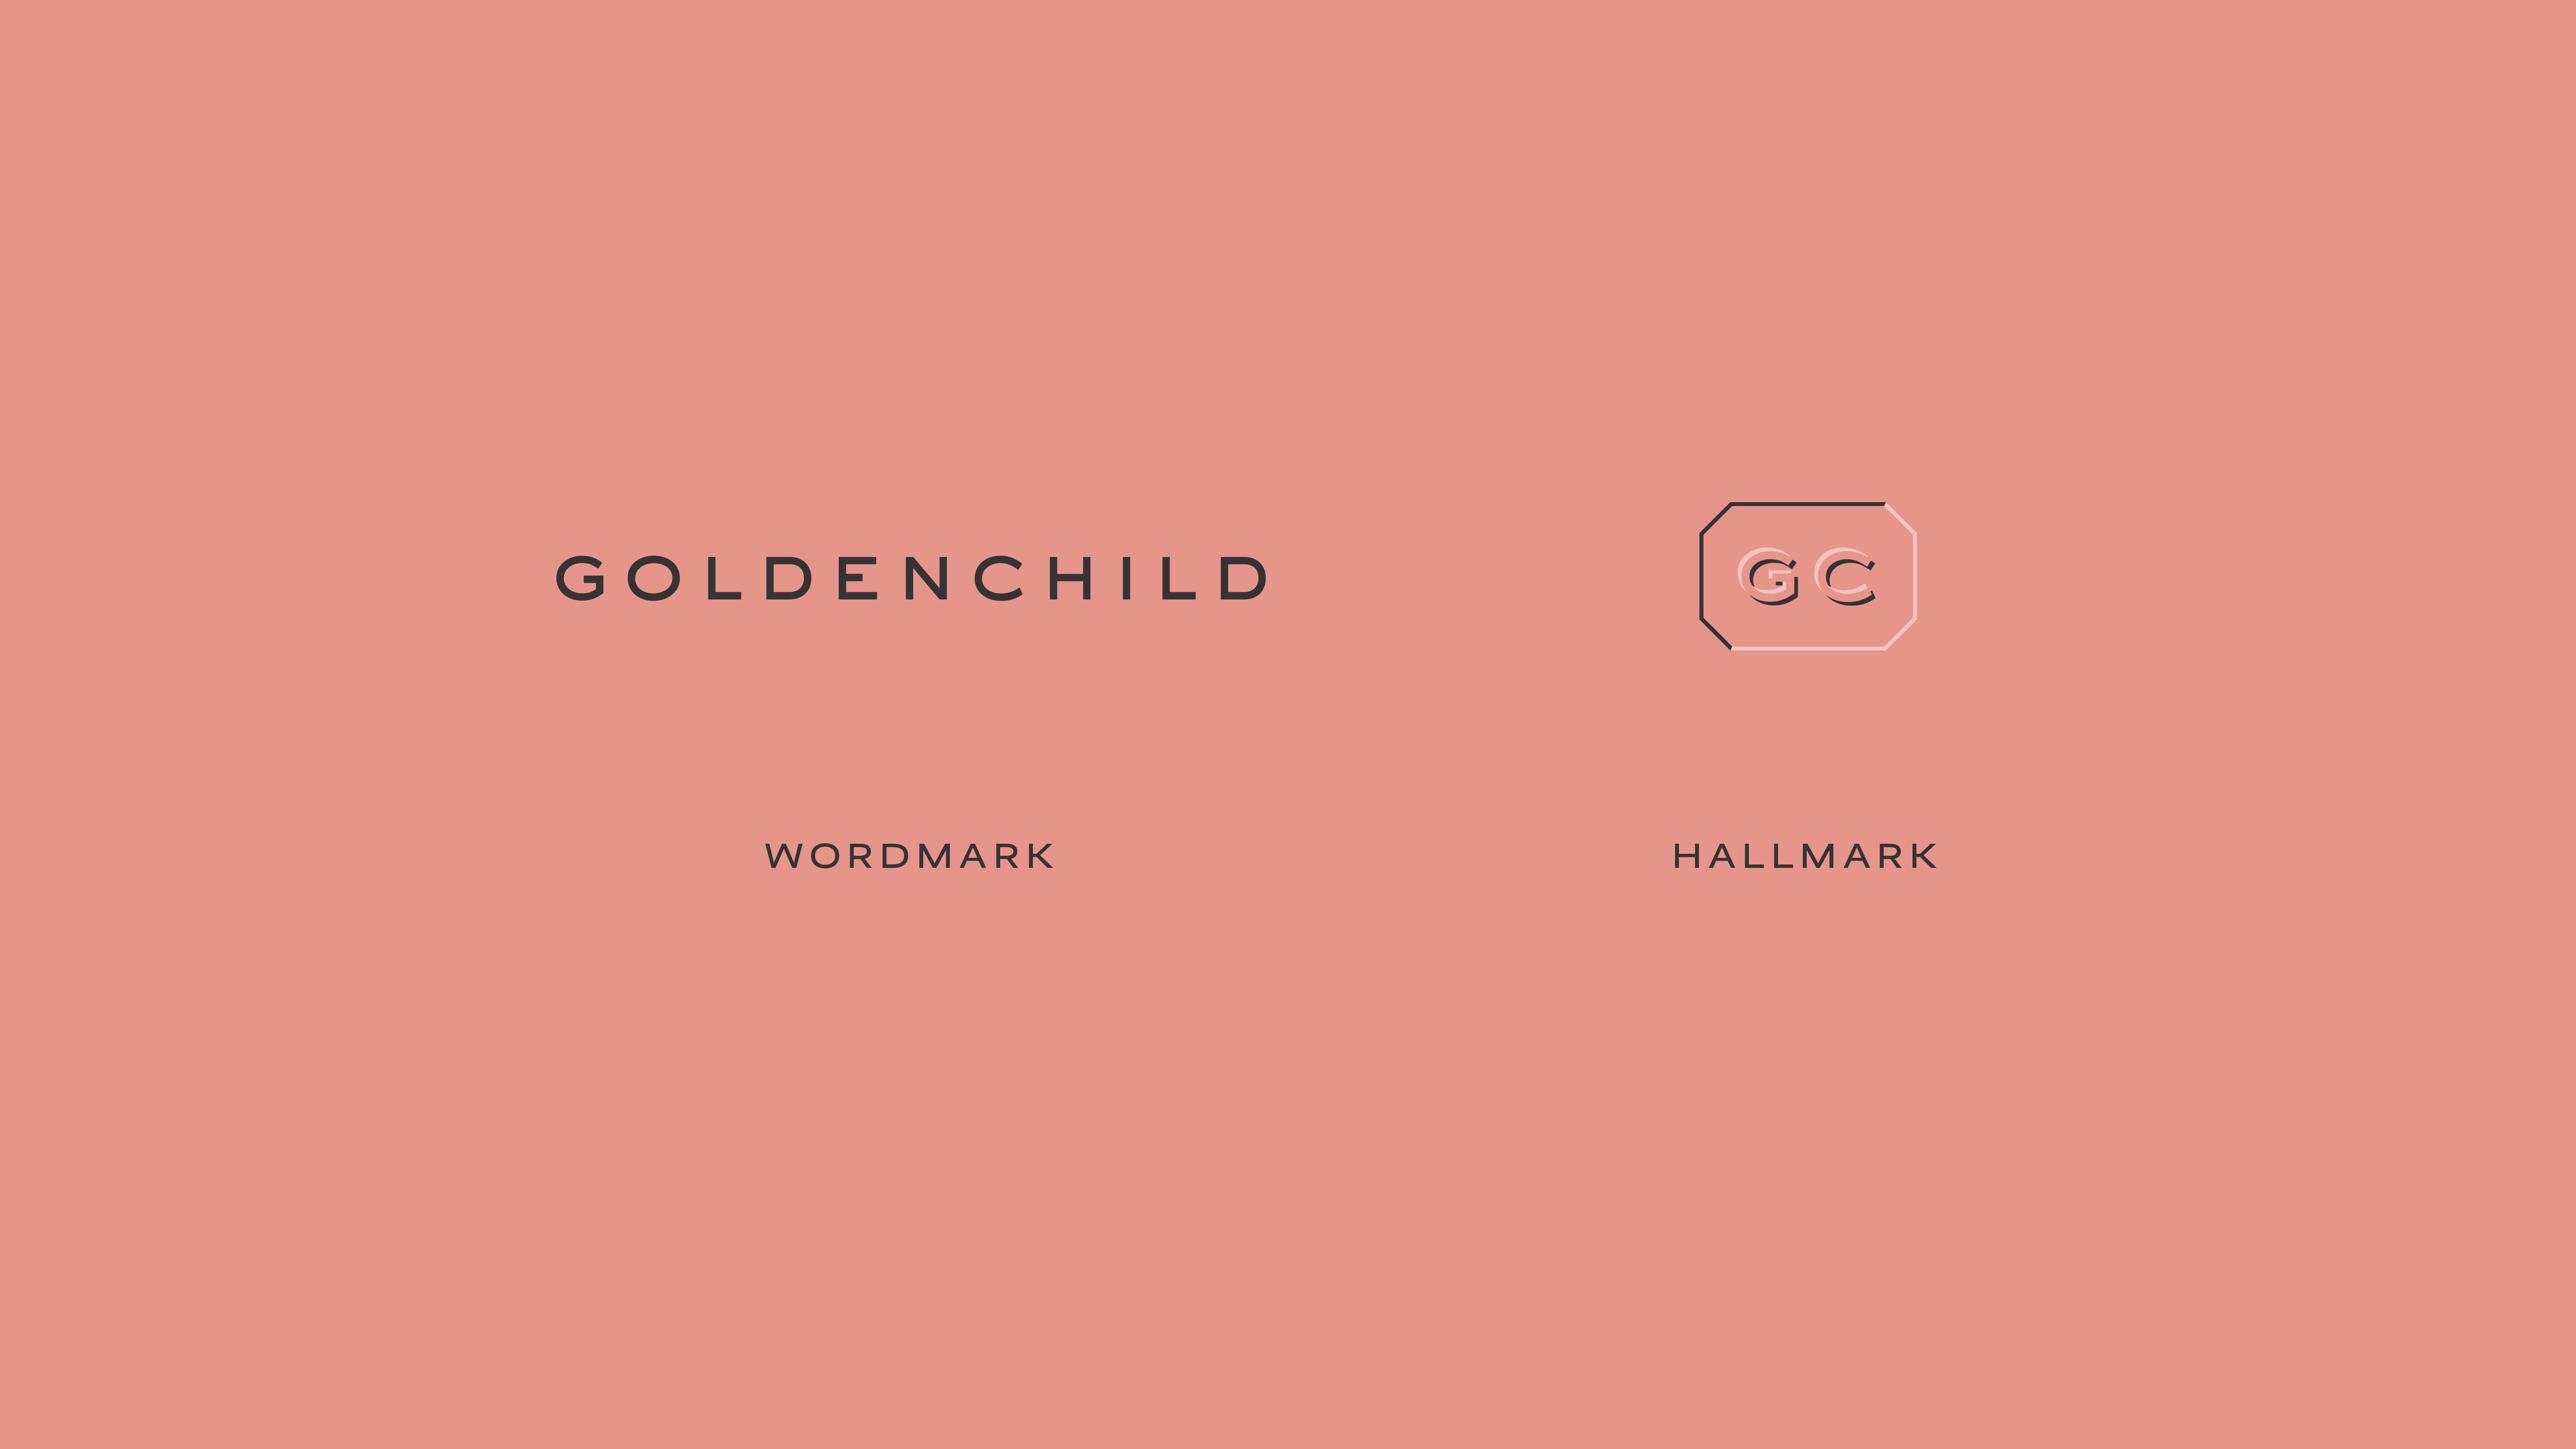 gc_alt-logos_1